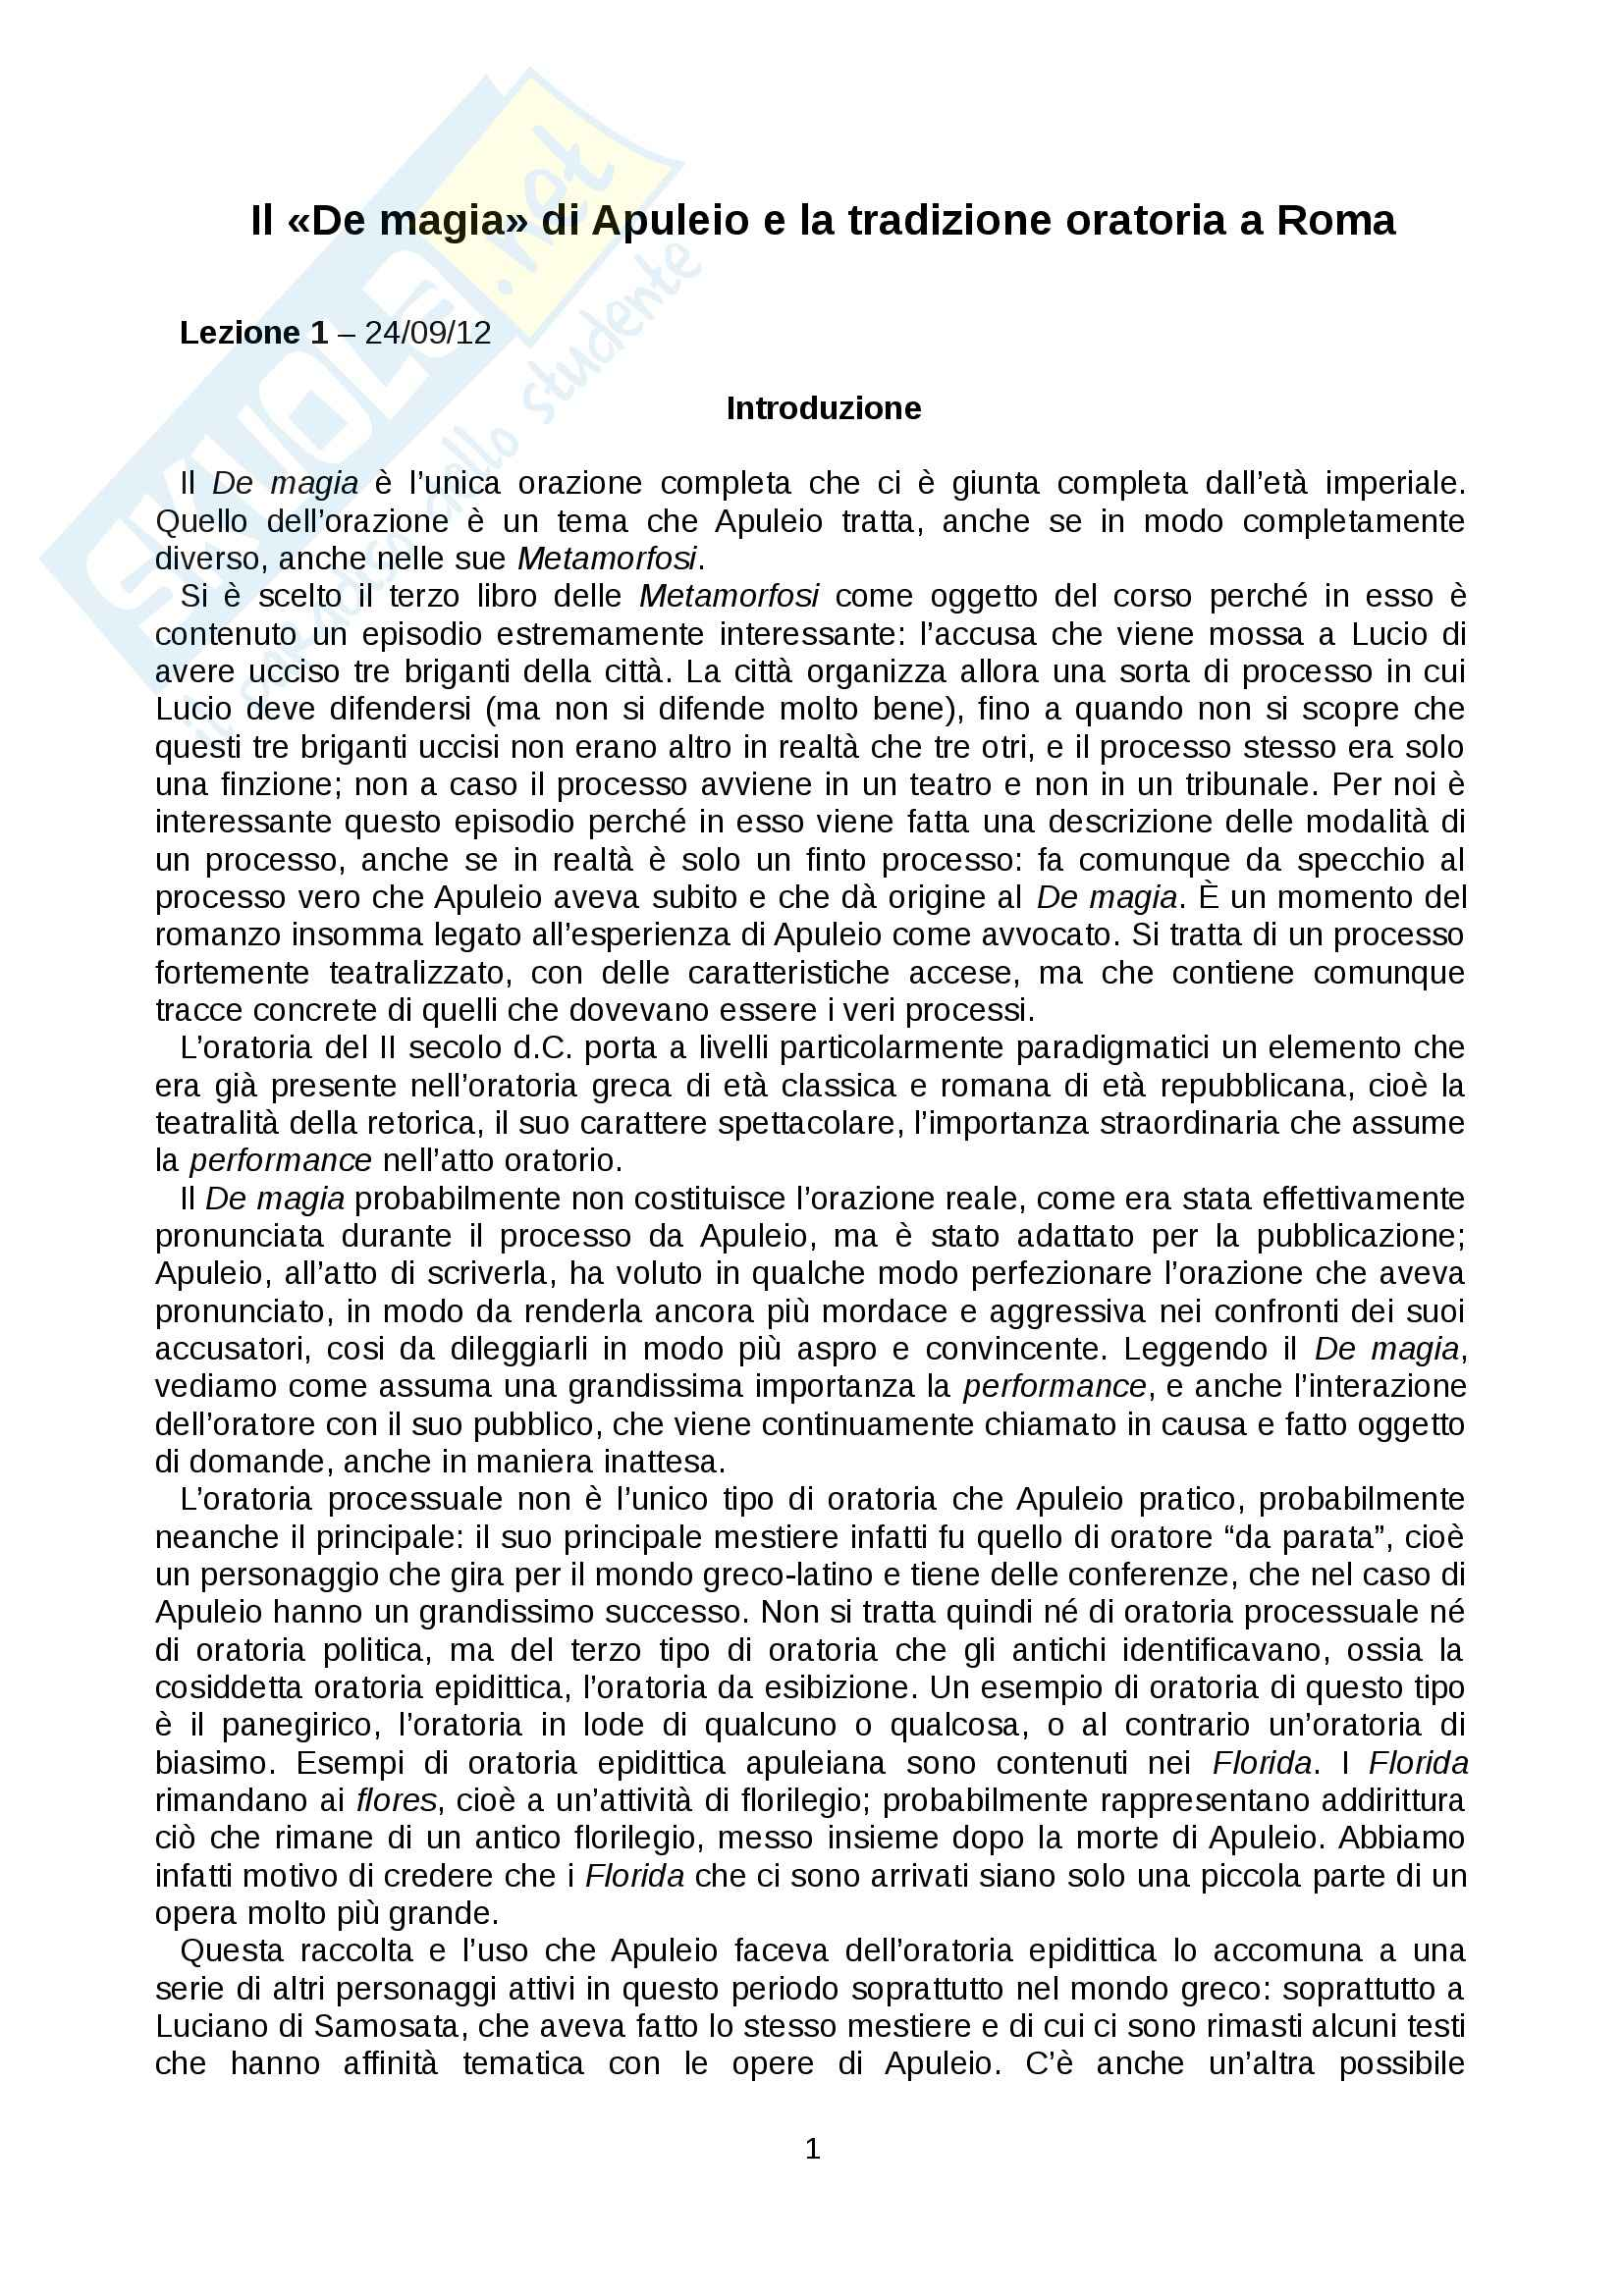 appunto G. Moretti Lingua latina